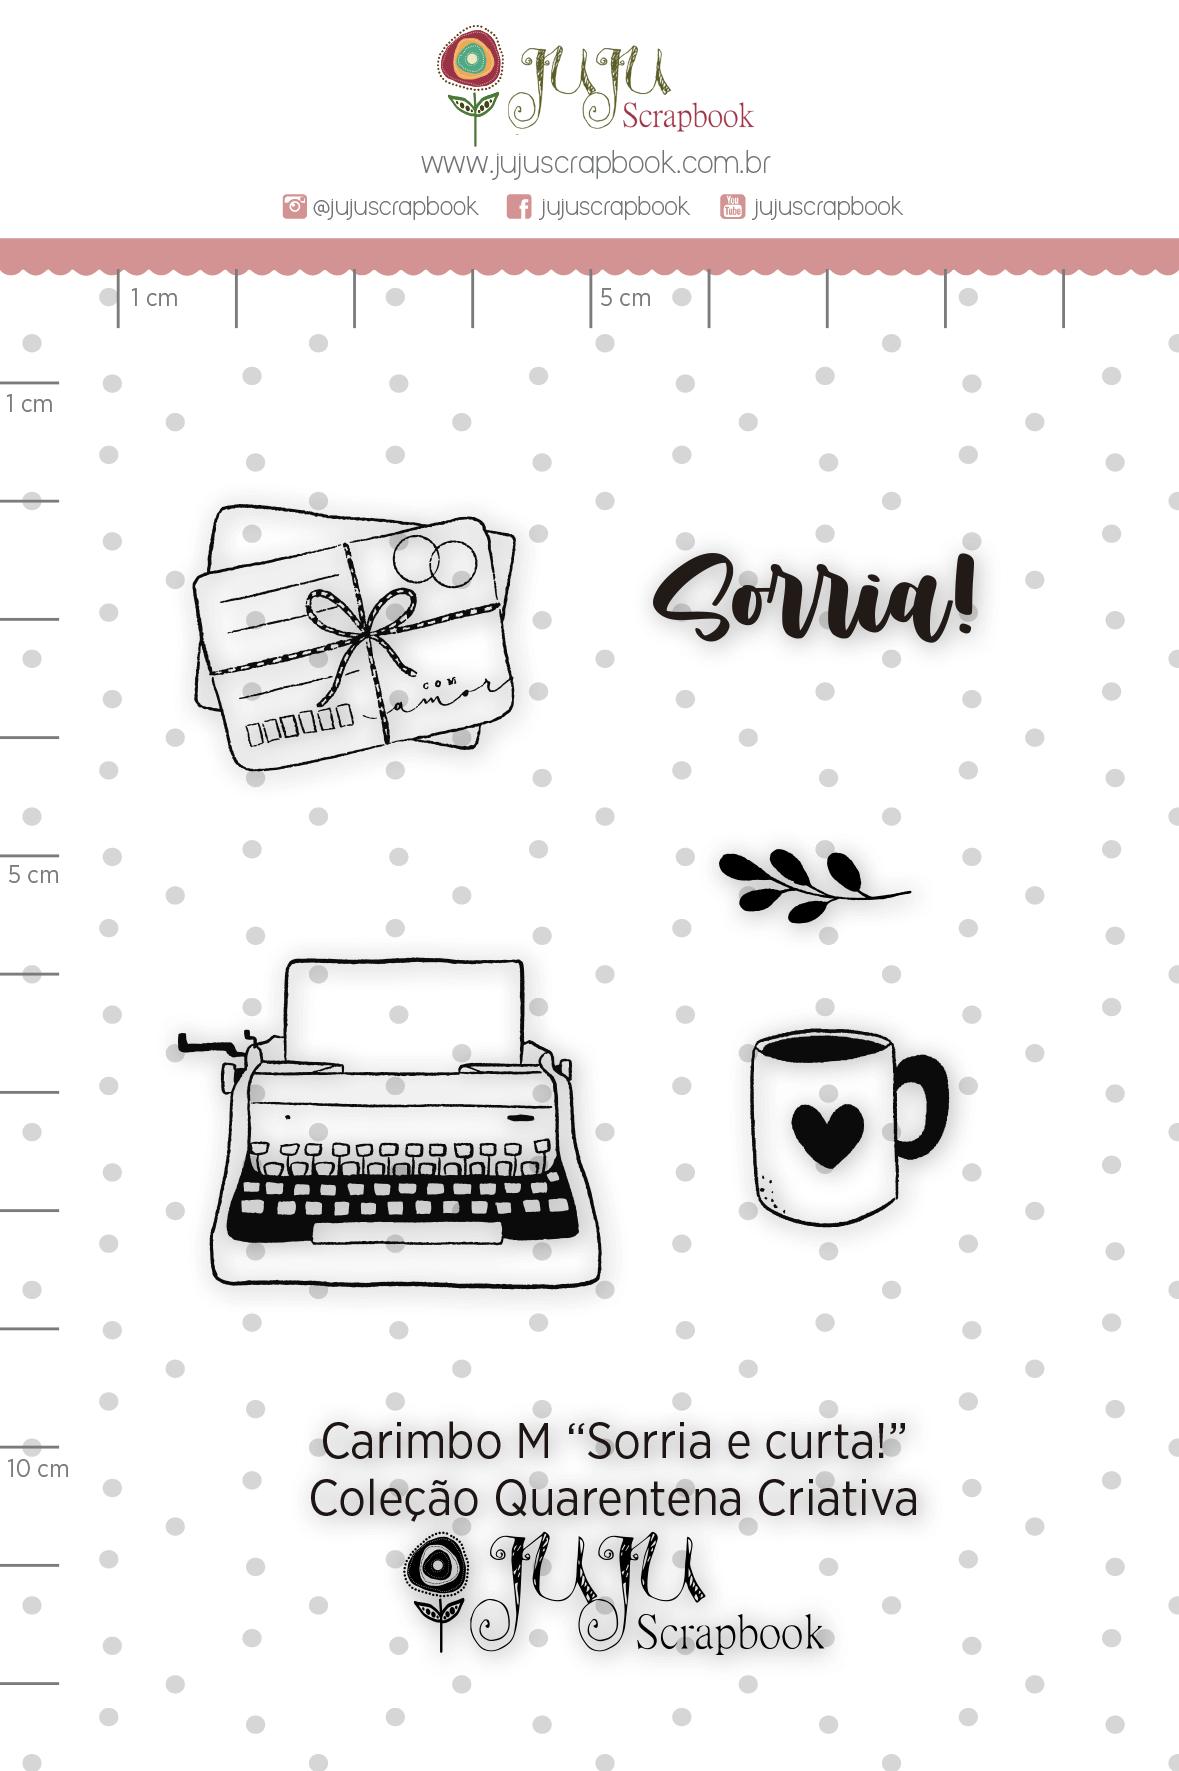 Carimbo M Sorria e Curta! - Coleção Quarentena Criativa - Juju Scrapbook  - JuJu Scrapbook